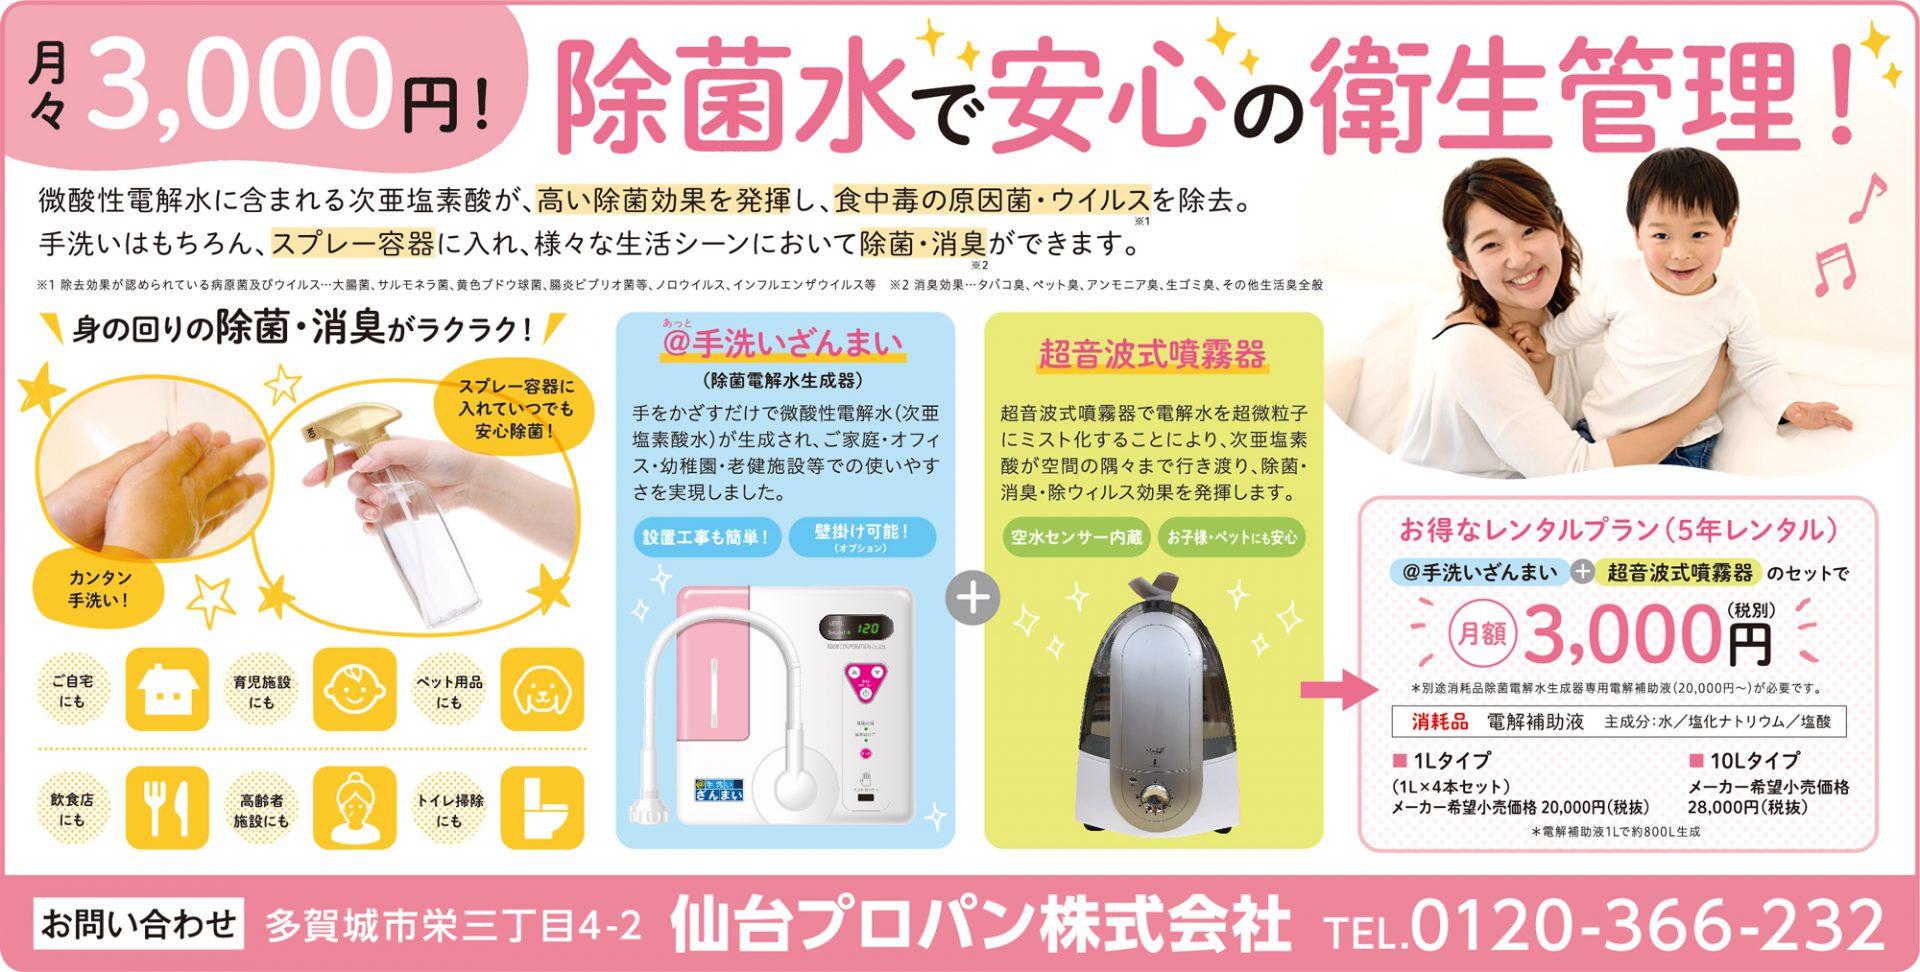 月々3,000円からレンタル可能!除菌水で安心の衛生管理ができる仙台プロパンのレンタルプラン